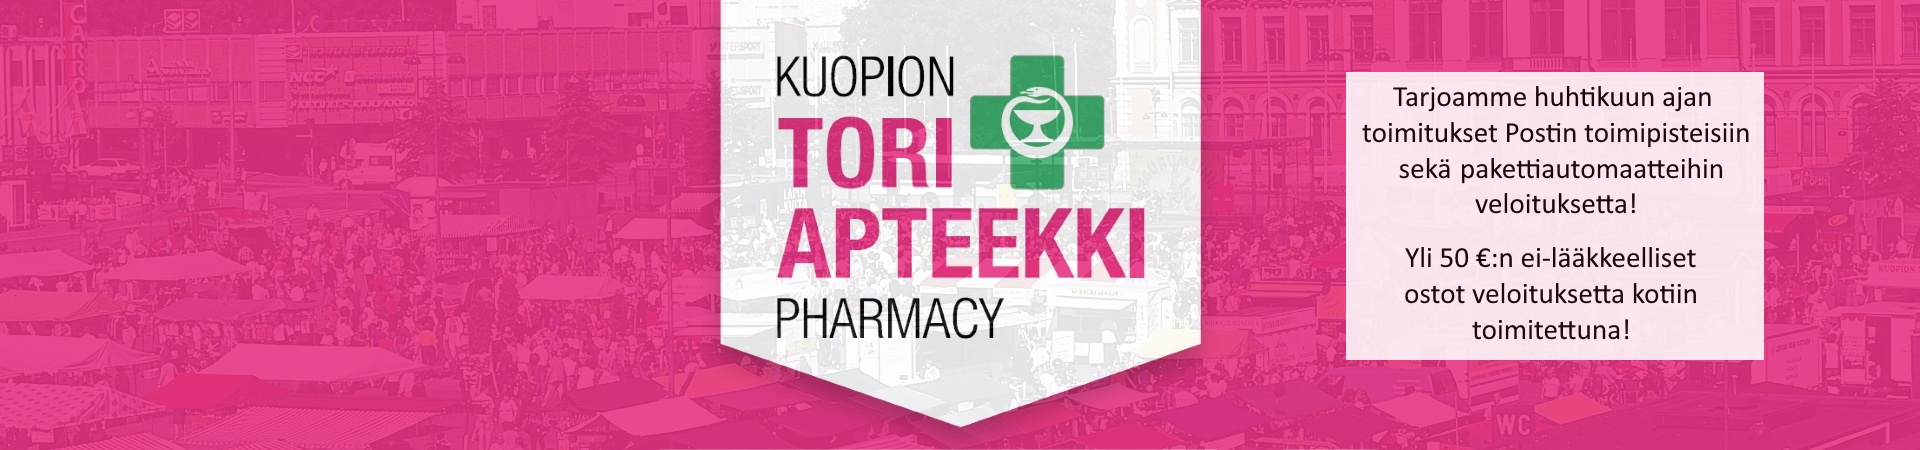 Apteekki lääkkeet ilmainen toimitus ilmainen kotiinkuljetus veloituksetta